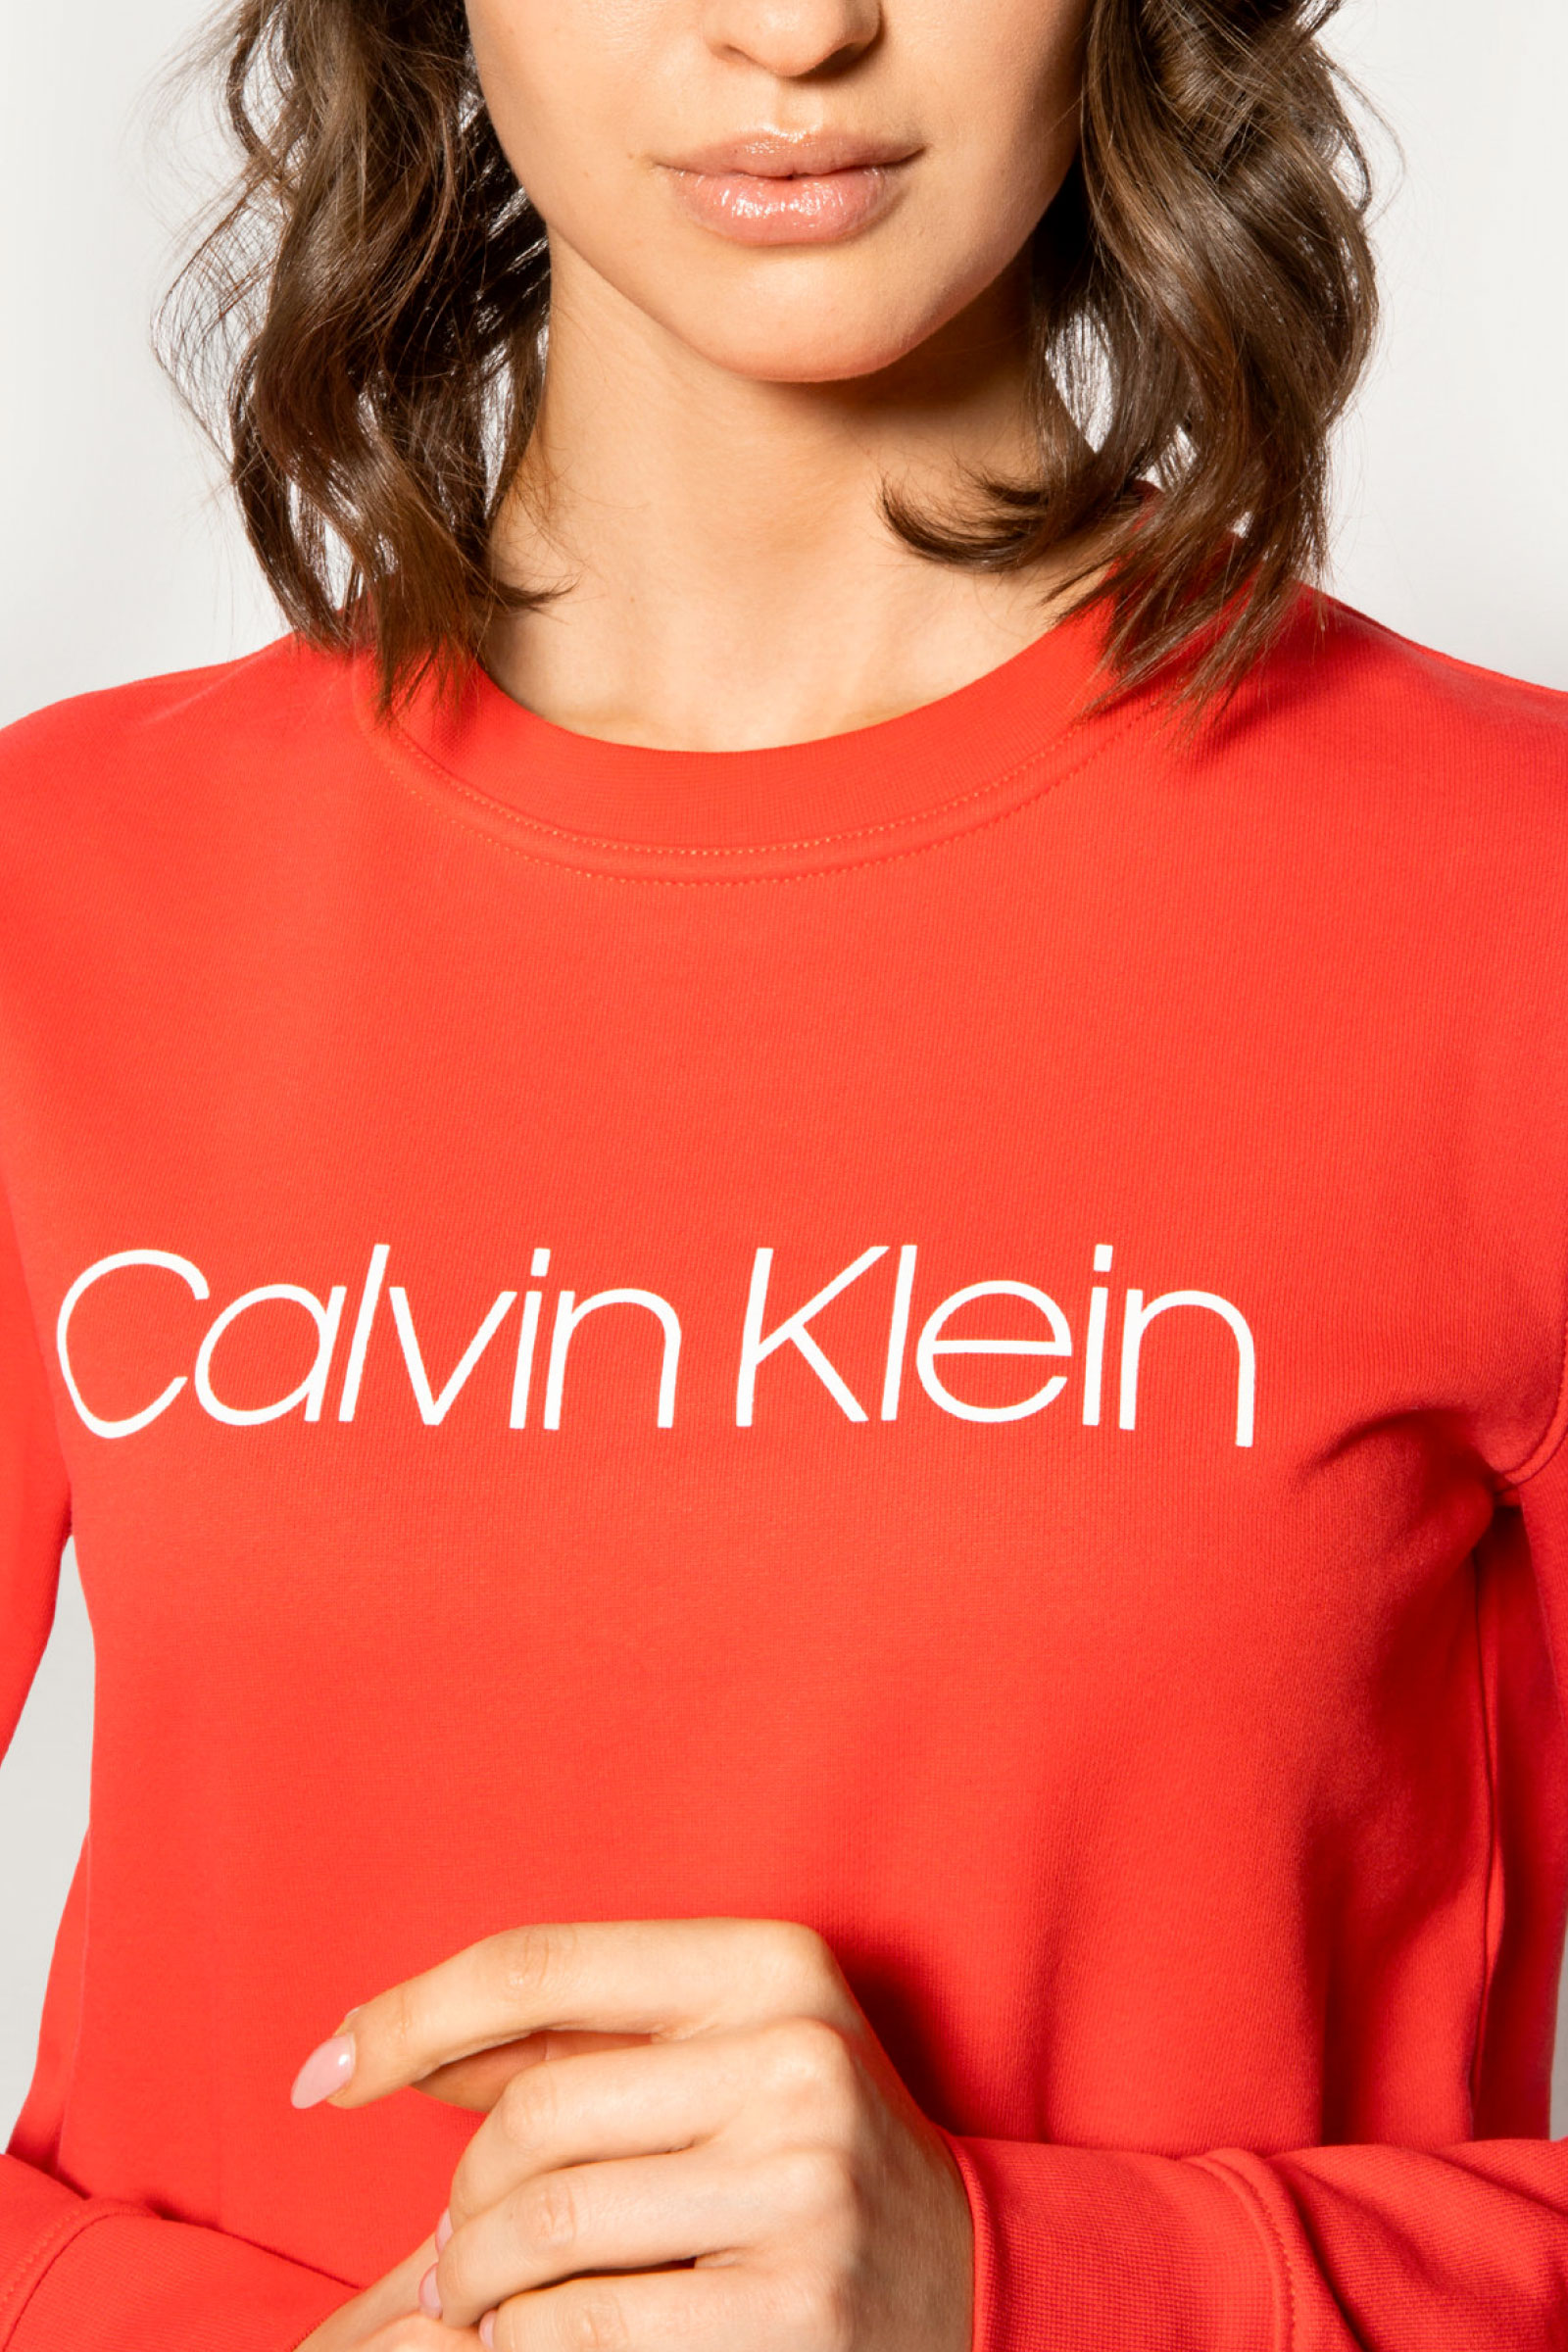 CALVIN KLEIN Felpa Donna CALVIN KLEIN | Felpa | K20K202017XL7